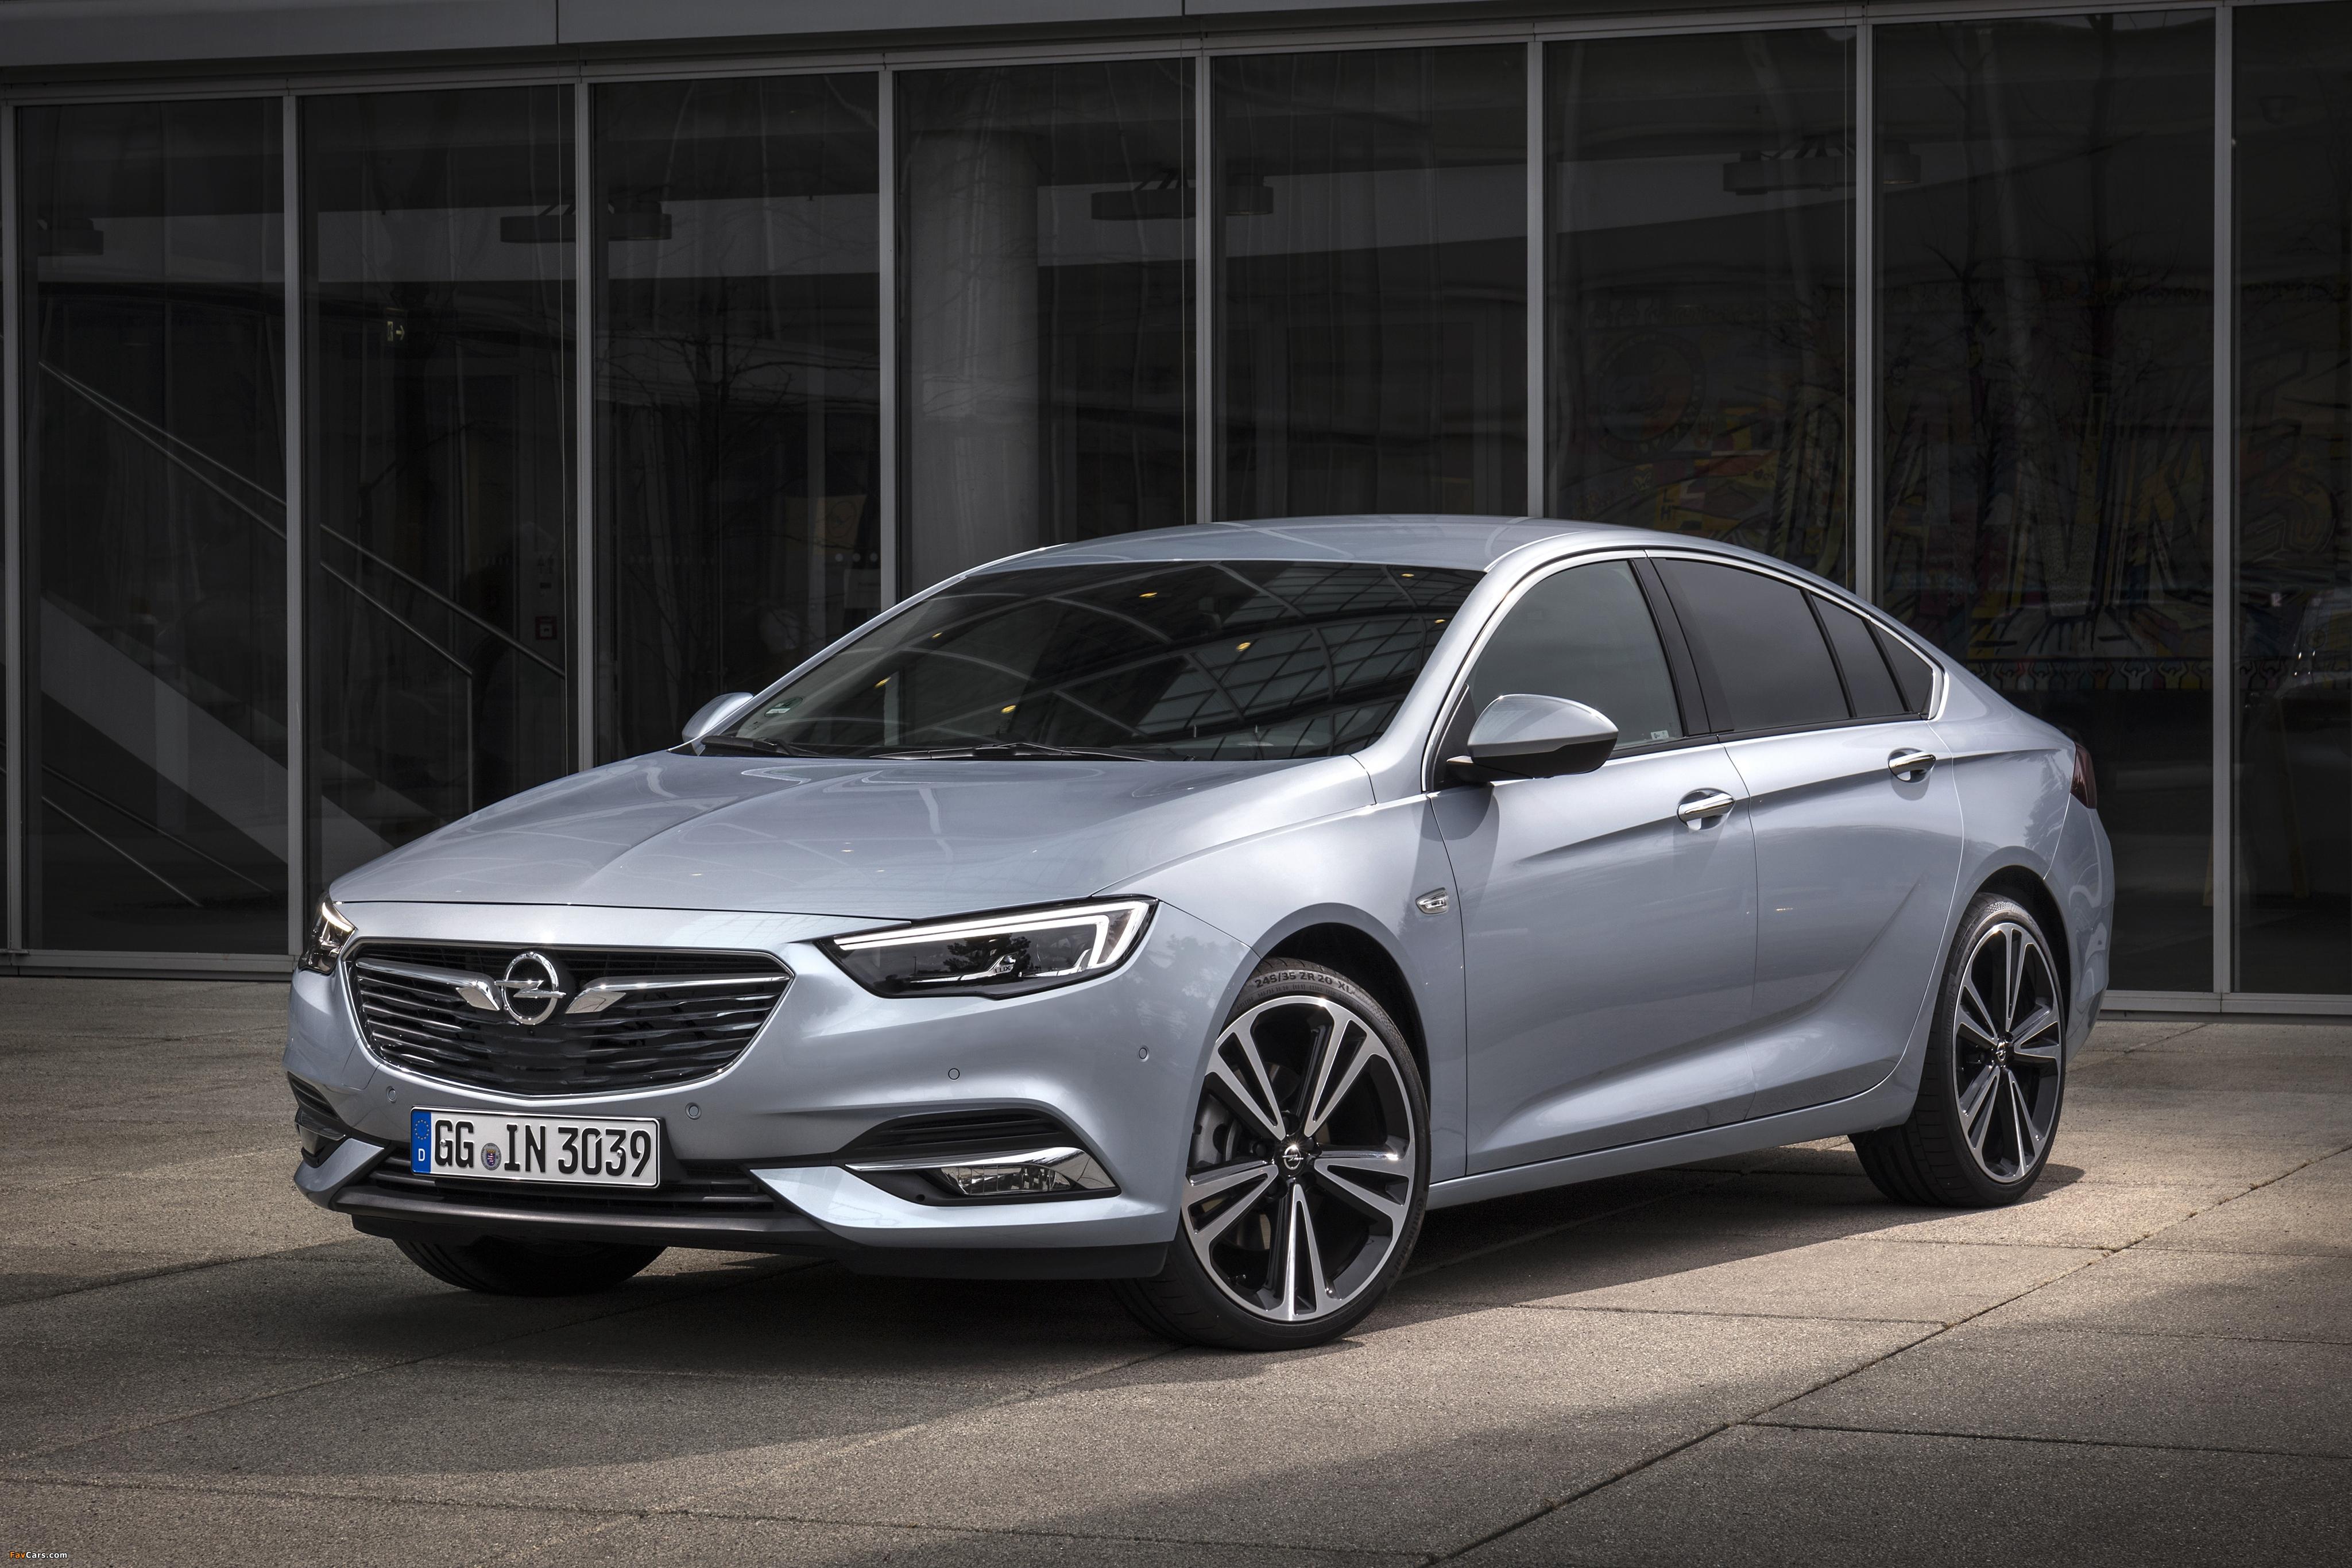 Opel Insignia Grand Sport Turbo D 2017 Wallpapers 4096x2731